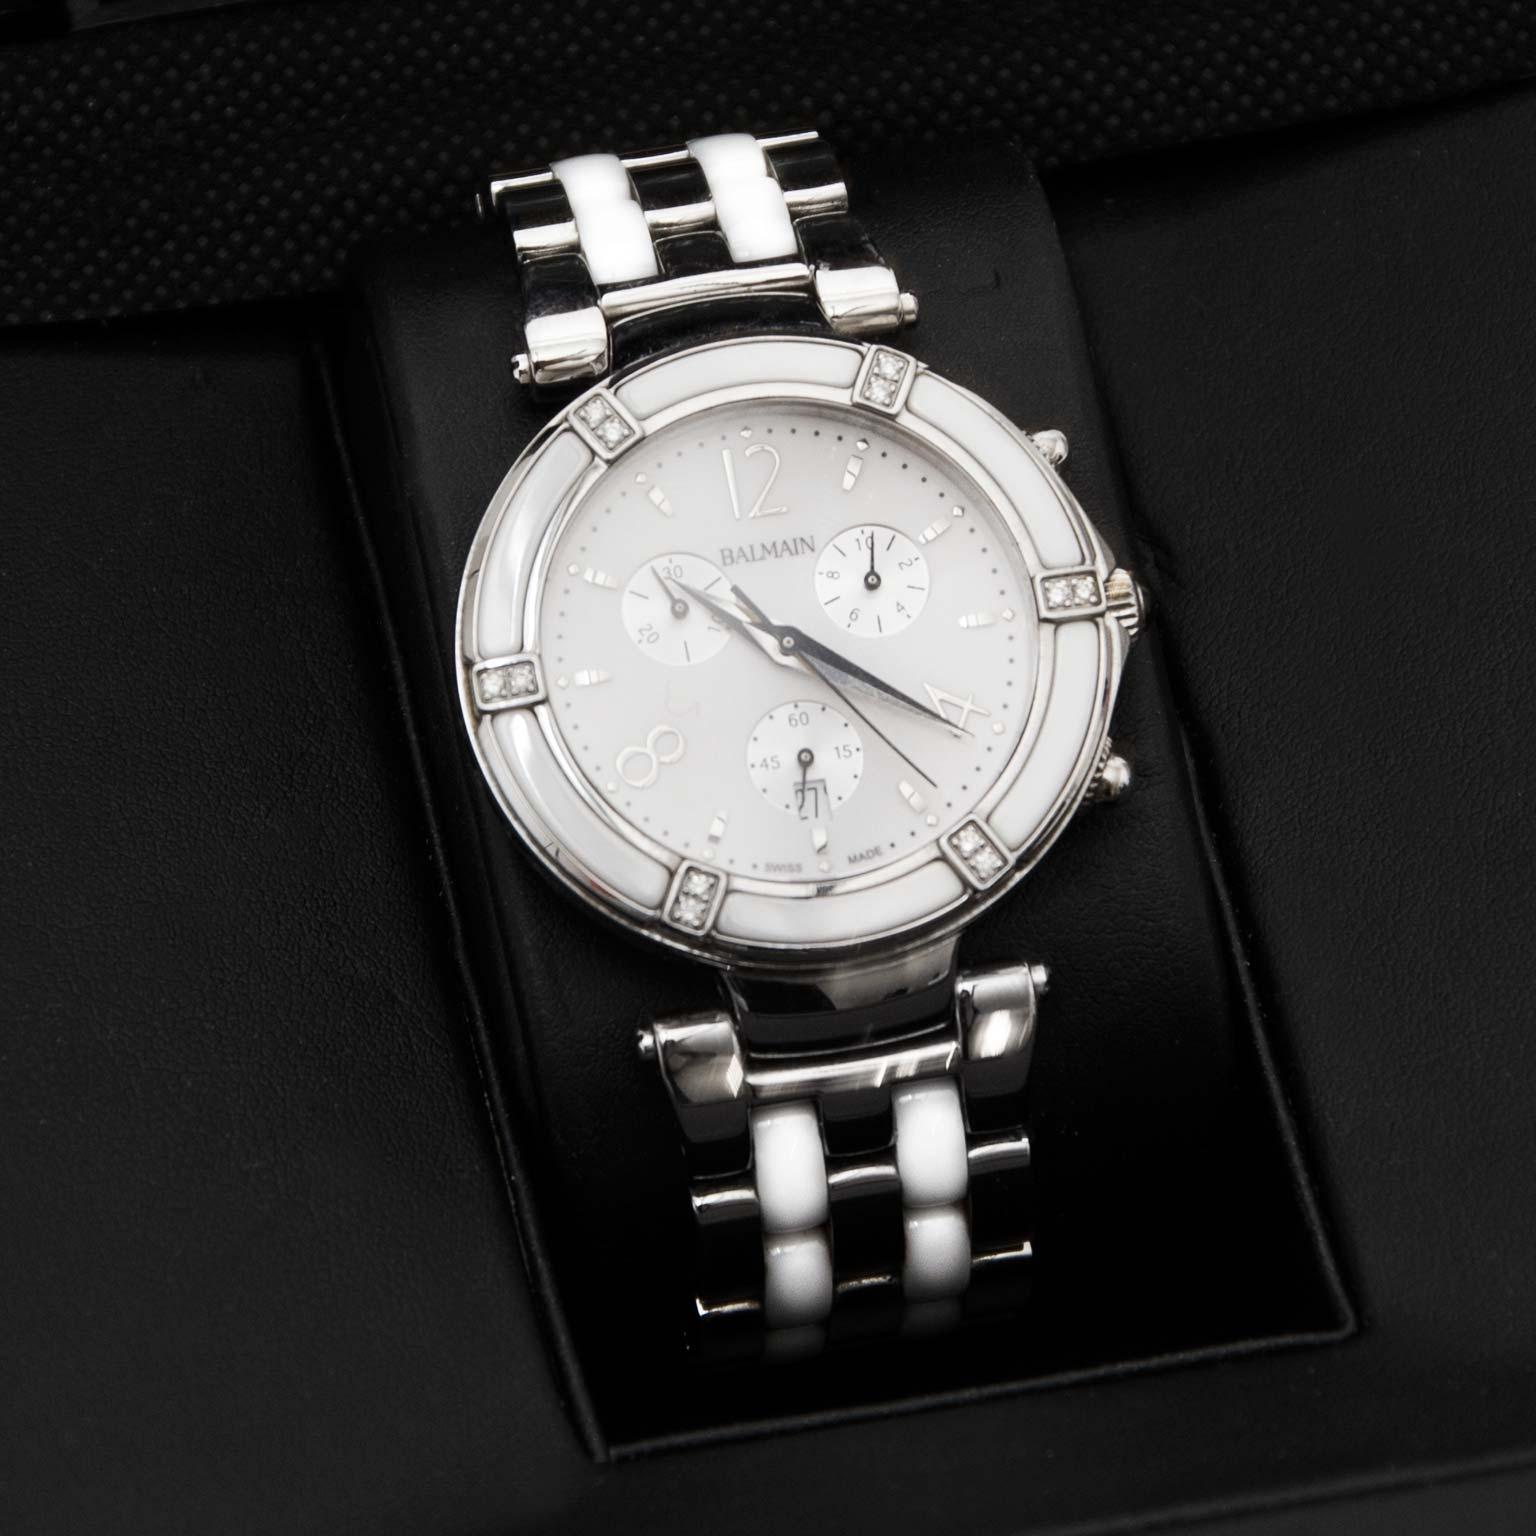 op zoek naar een Balmain Balceram Chrono Lady Horloge B7036.33.24? Koop uw horloge nu tegen de beste prijs bij labellov.com